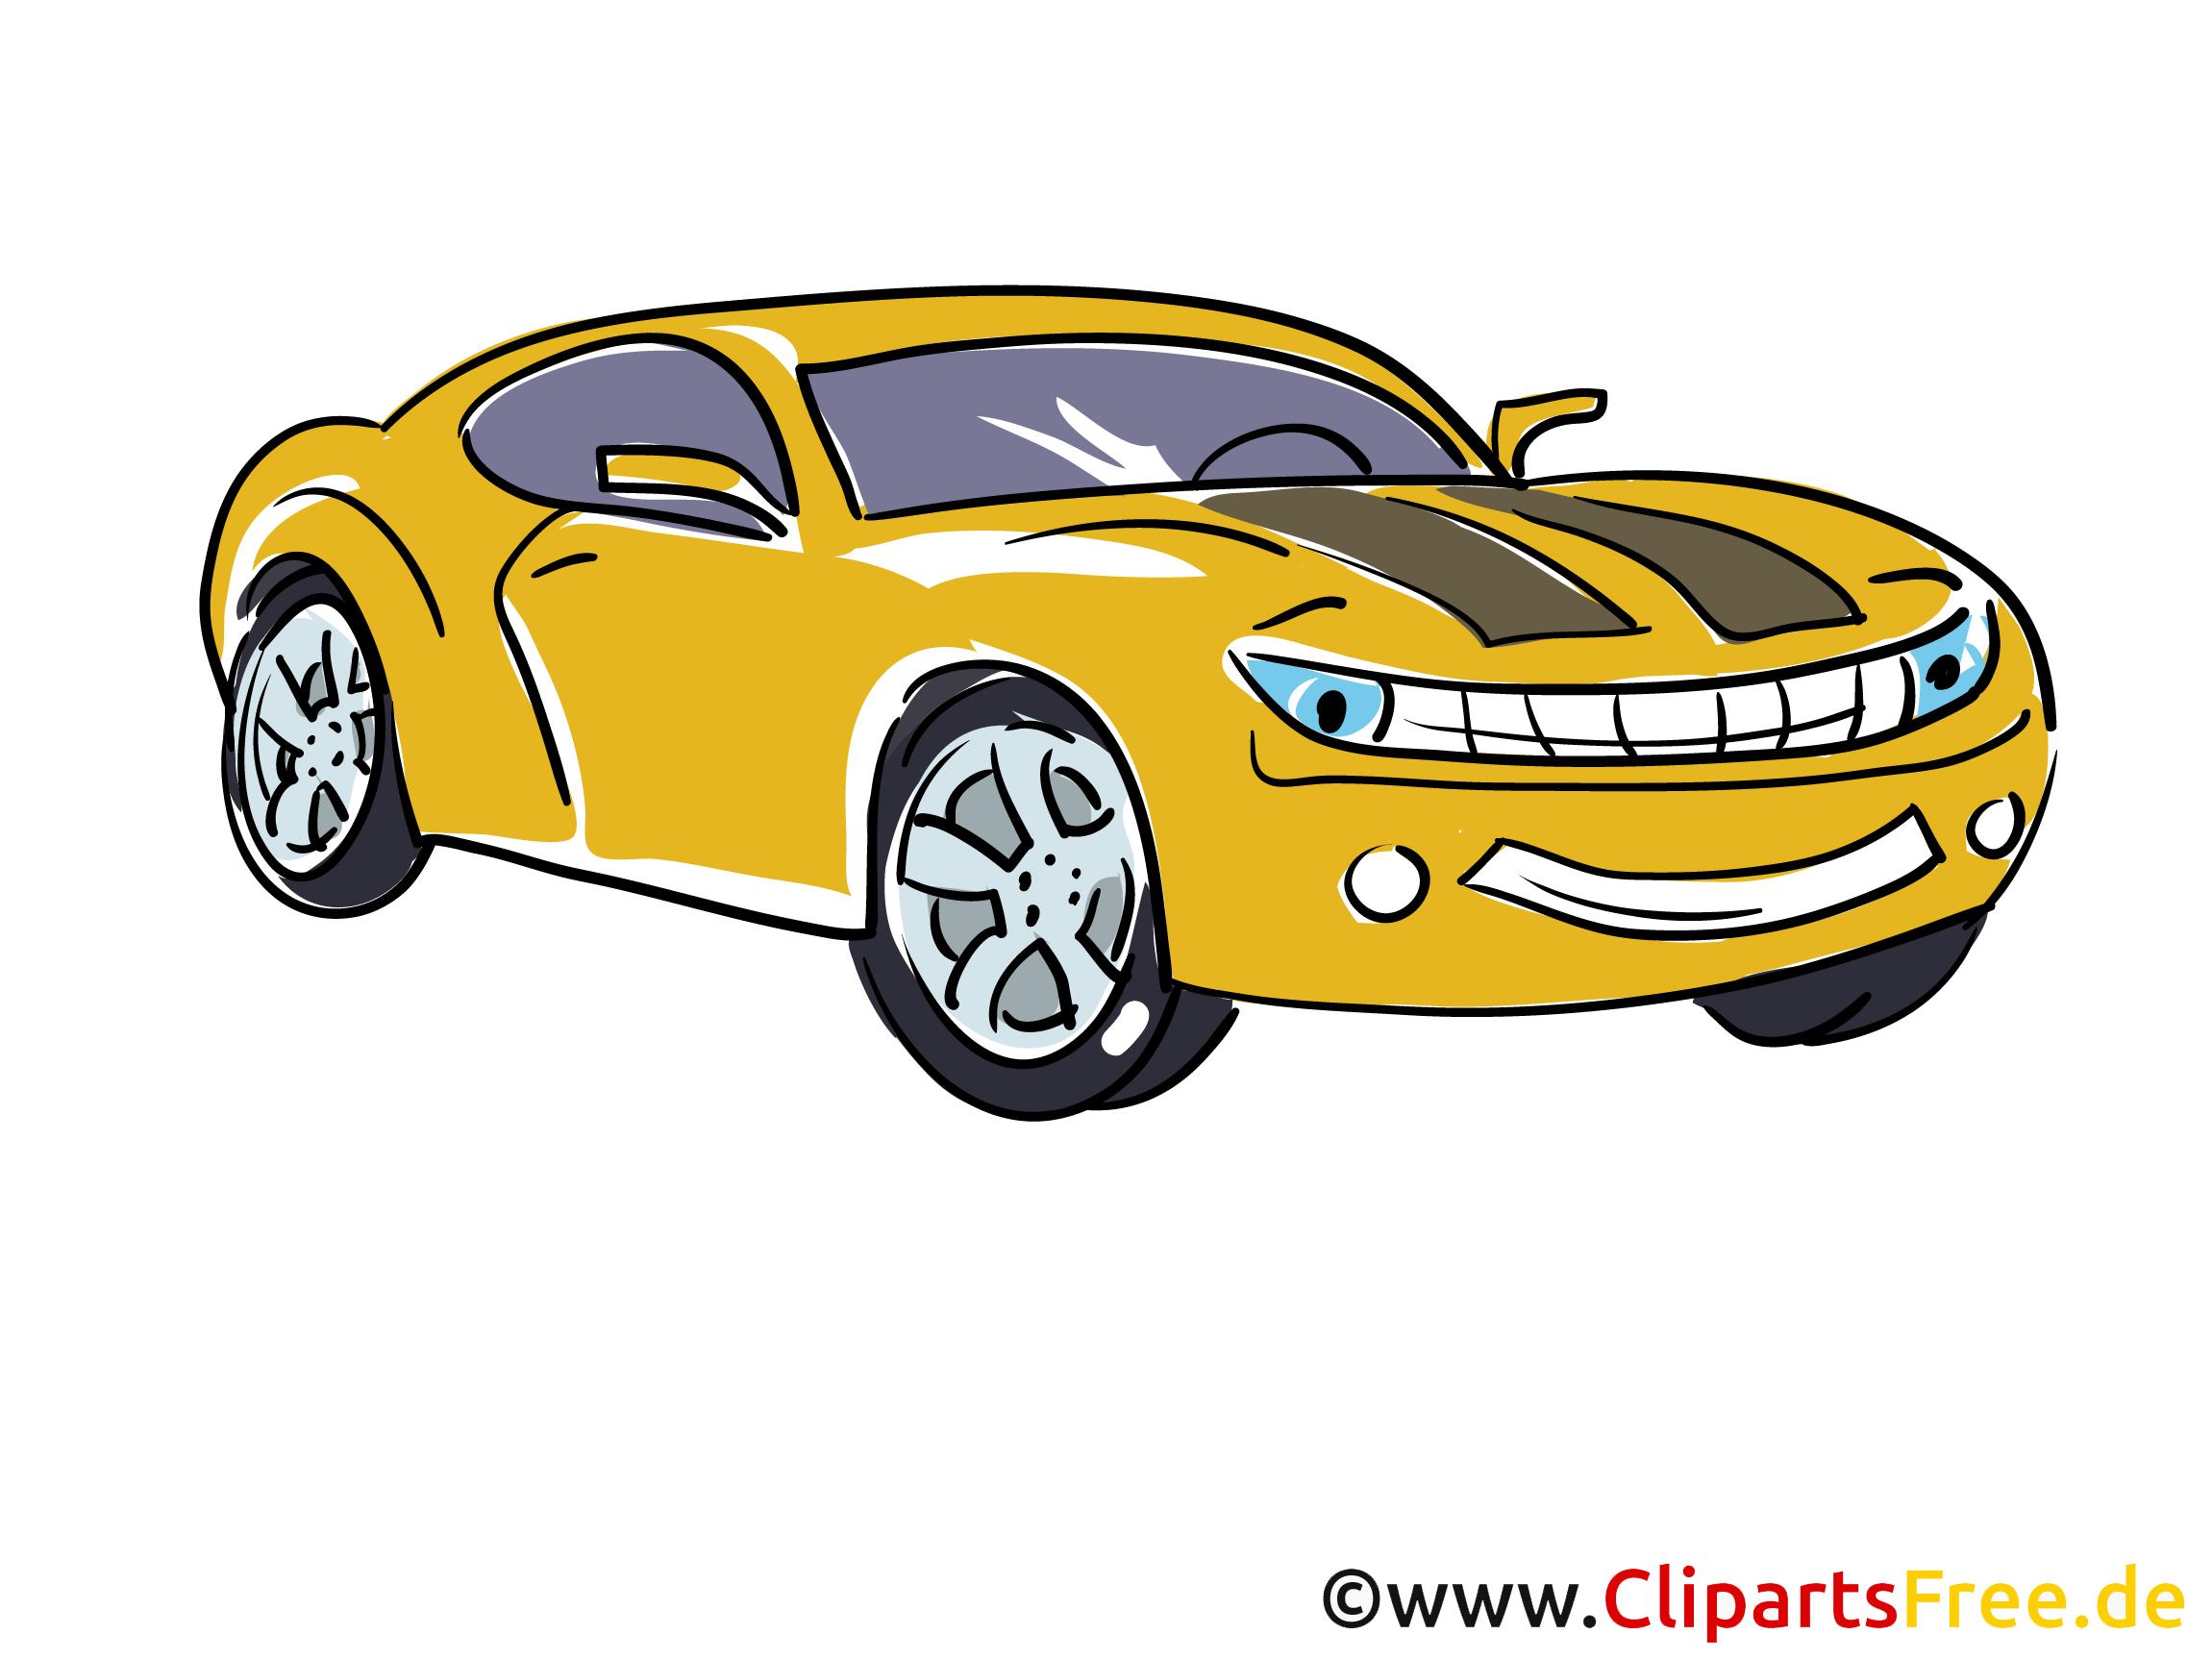 Kostenlose Autos Bilder, Cliparts